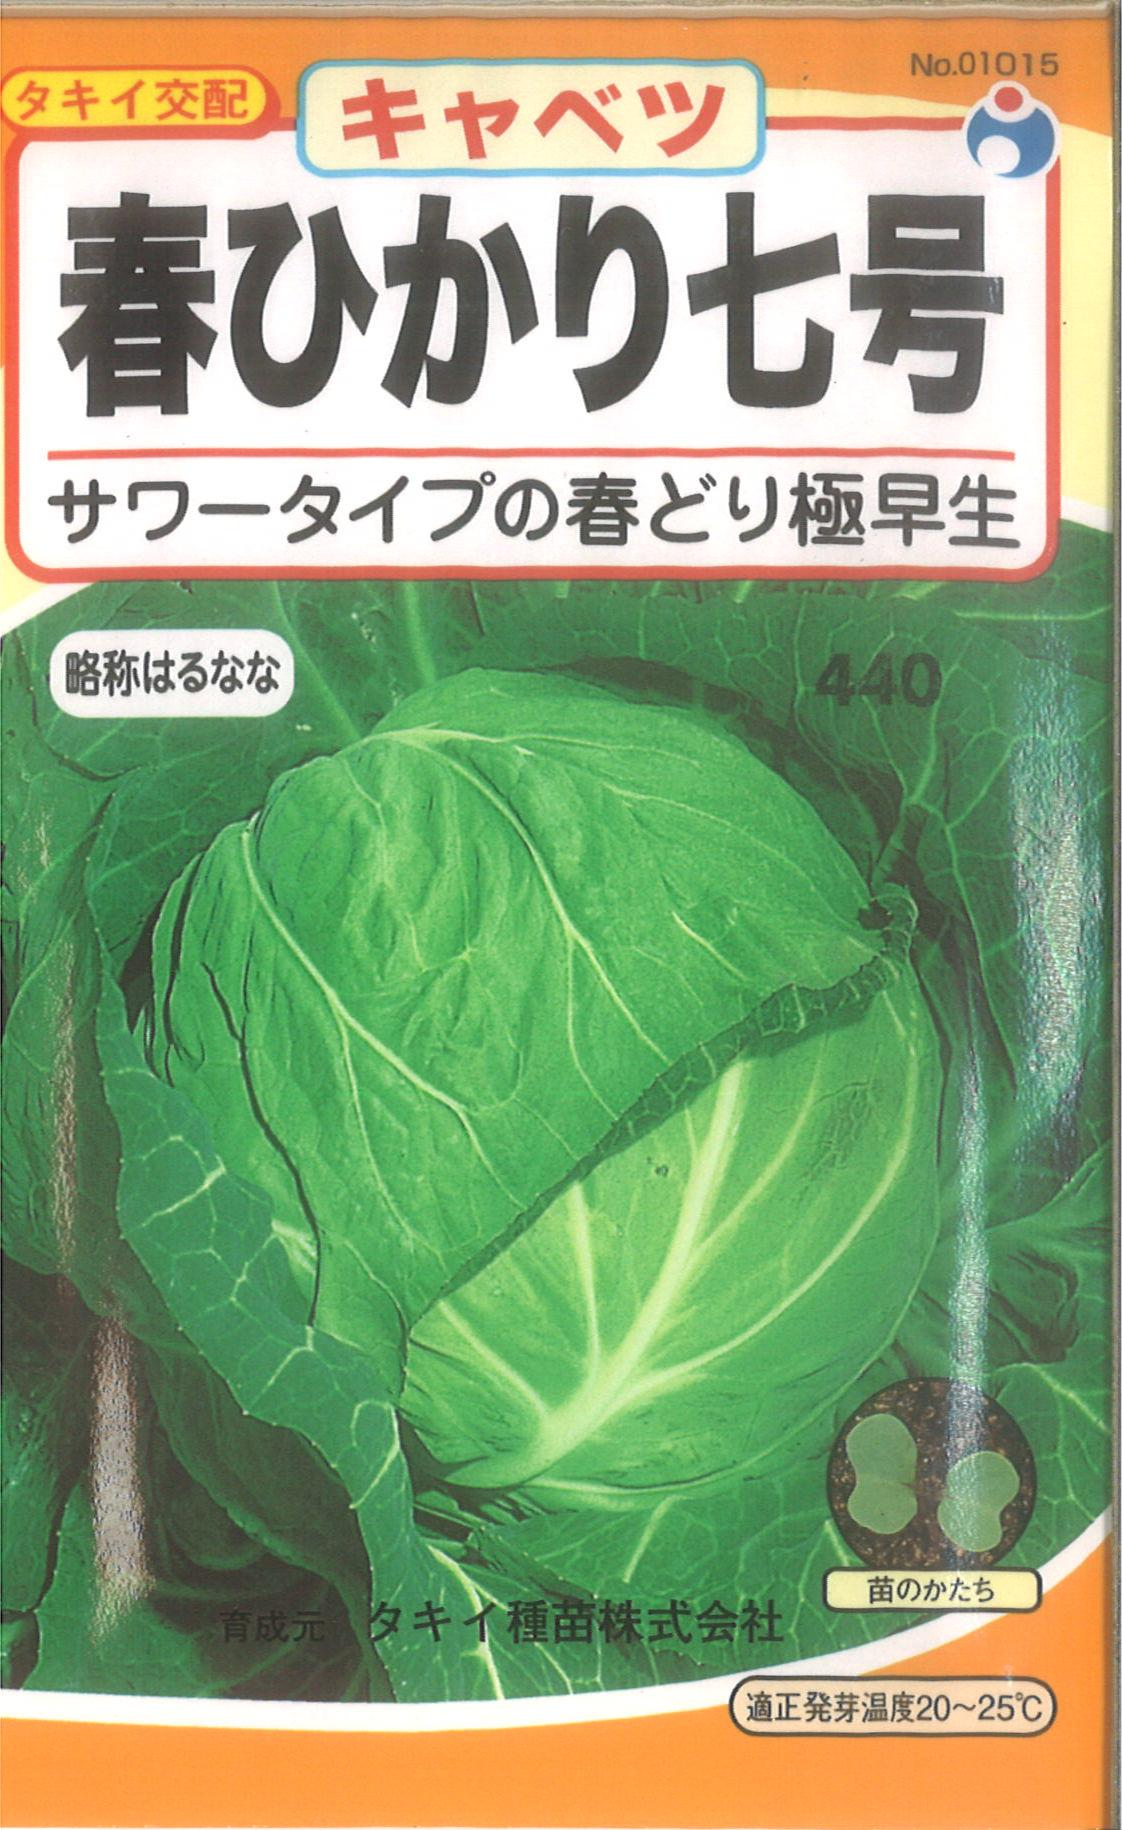 【代引不可】【5袋まで送料80円】 □ キャベツ 春ひかり七号